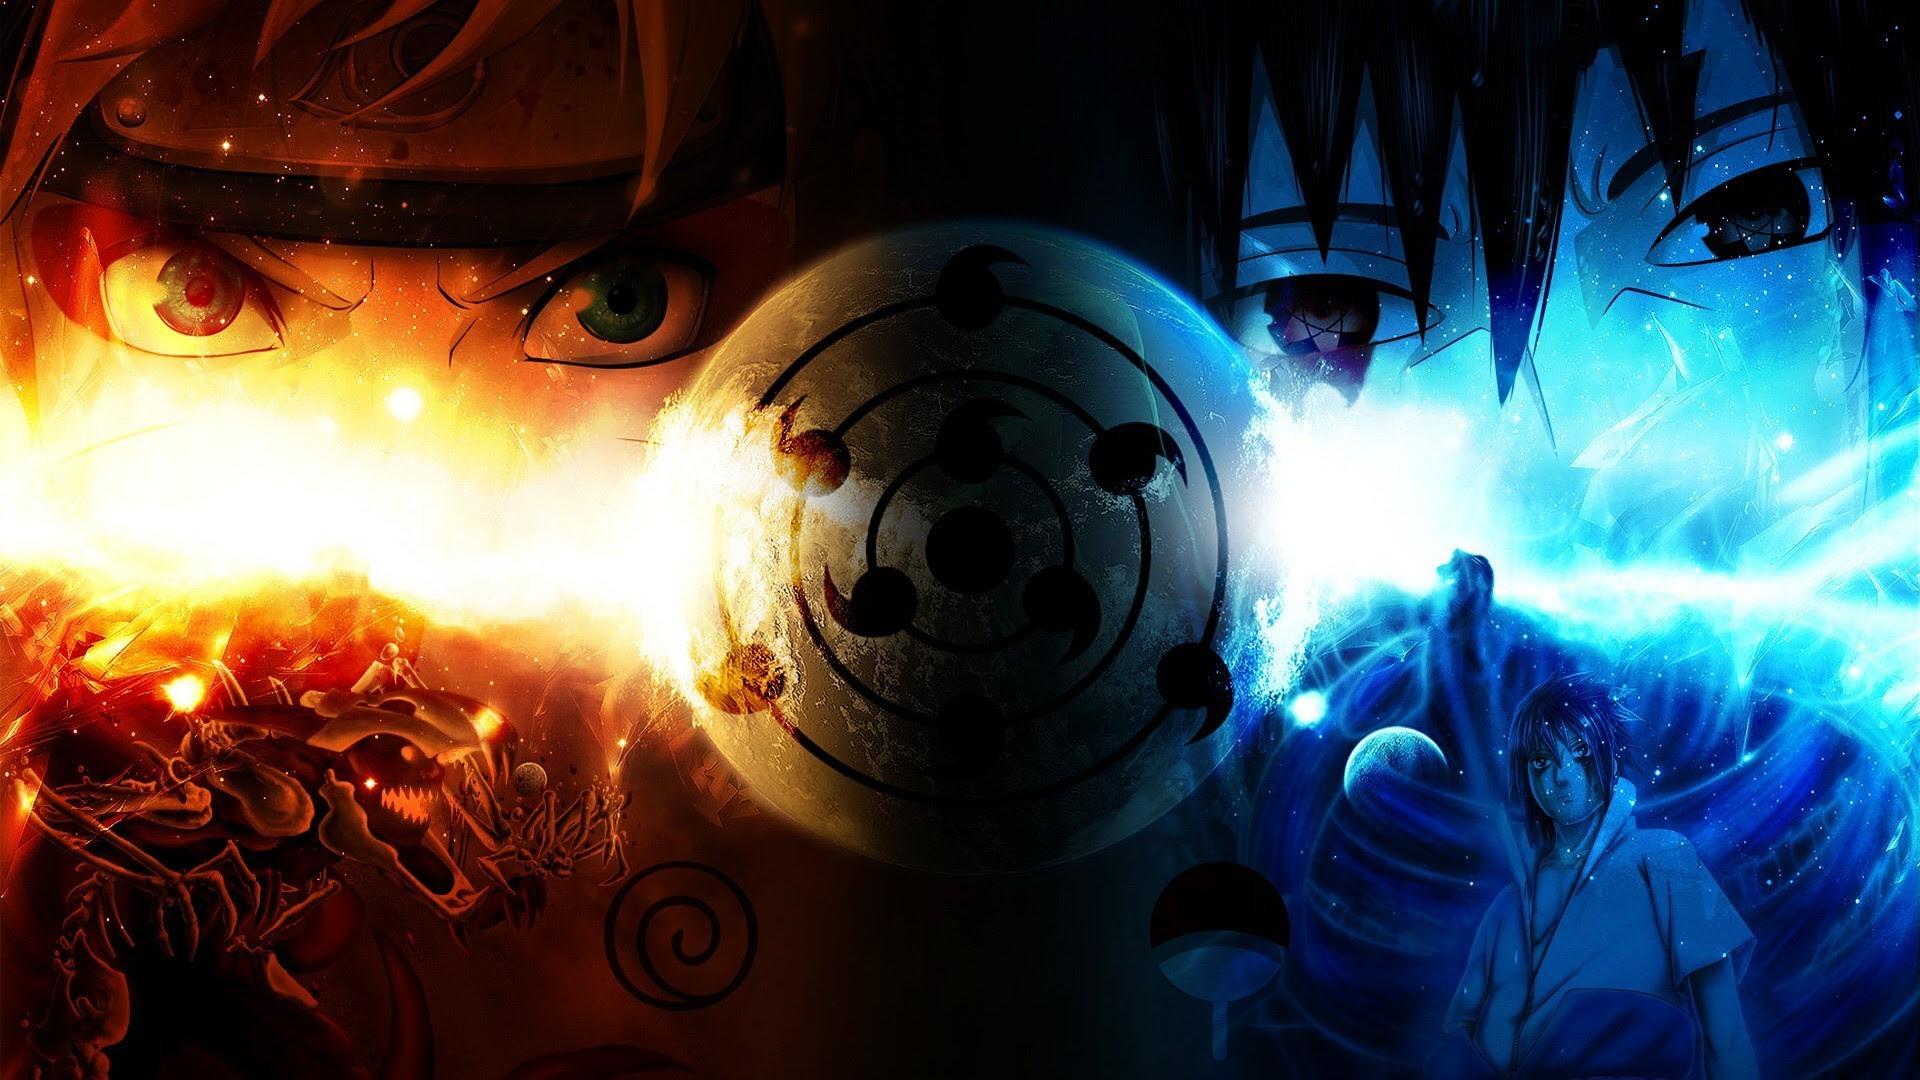 Unduh 650+ Naruto Wallpaper En Hd HD Paling Keren